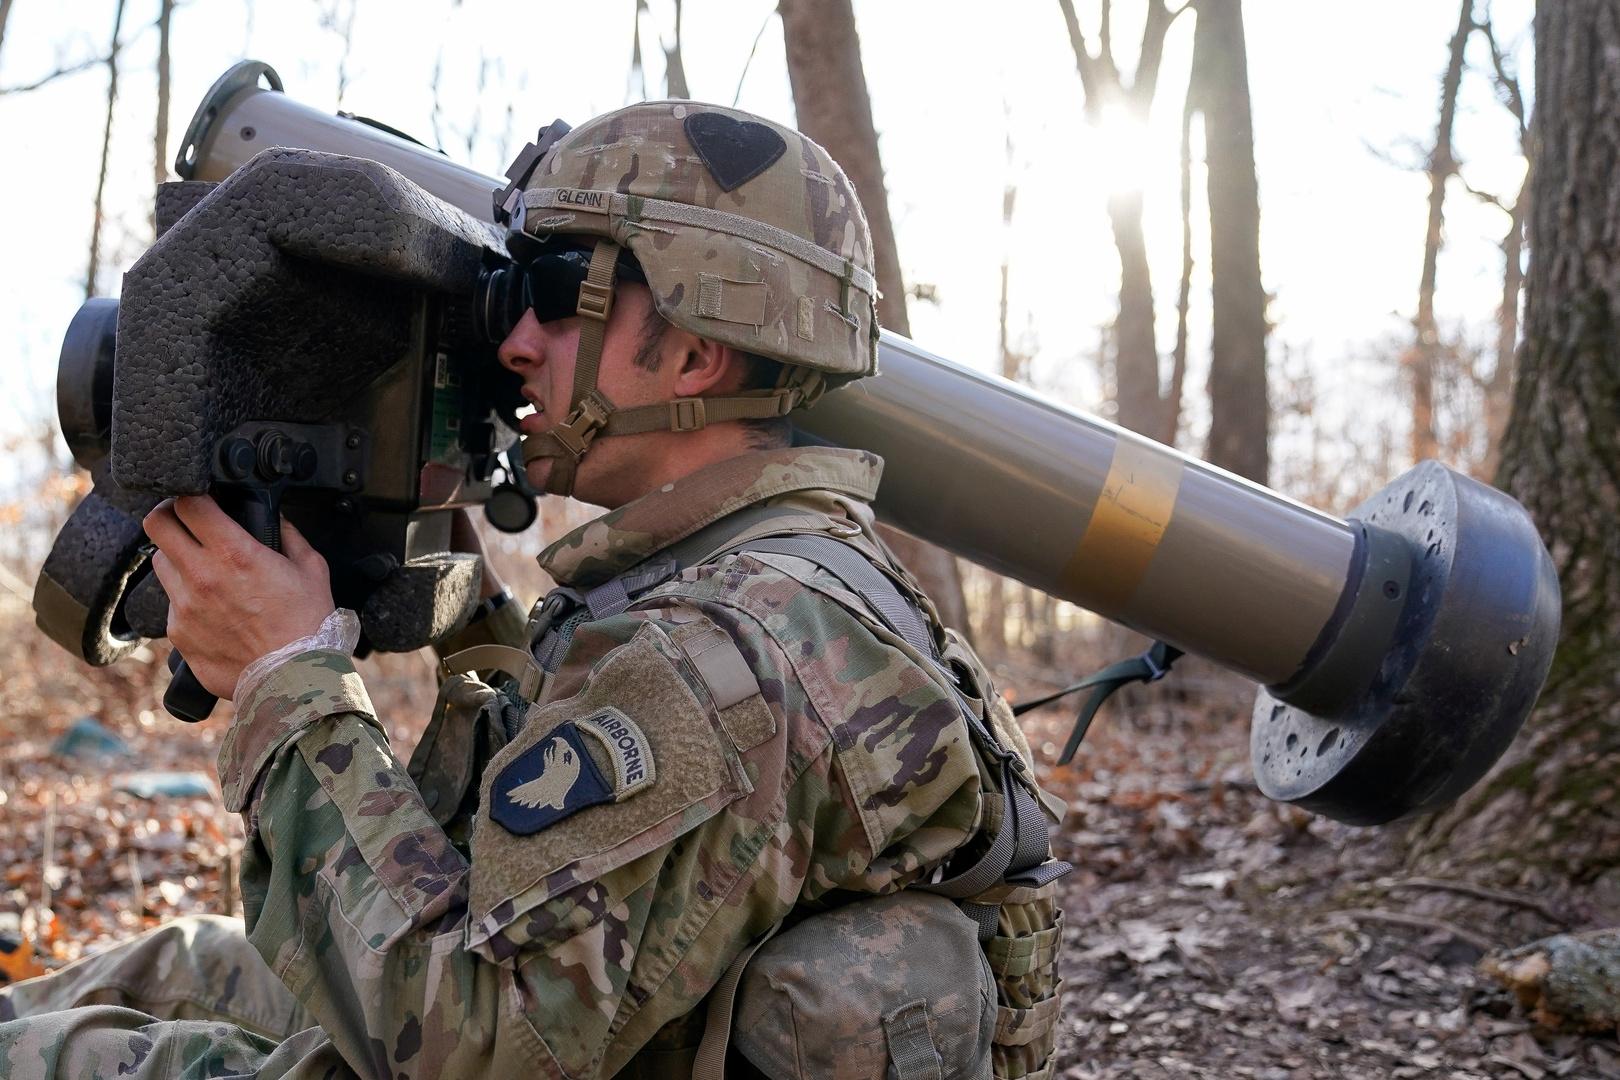 الولايات المتحدة بصدد تزويد أوكرانيا بصواريخ مضادة للدبابات